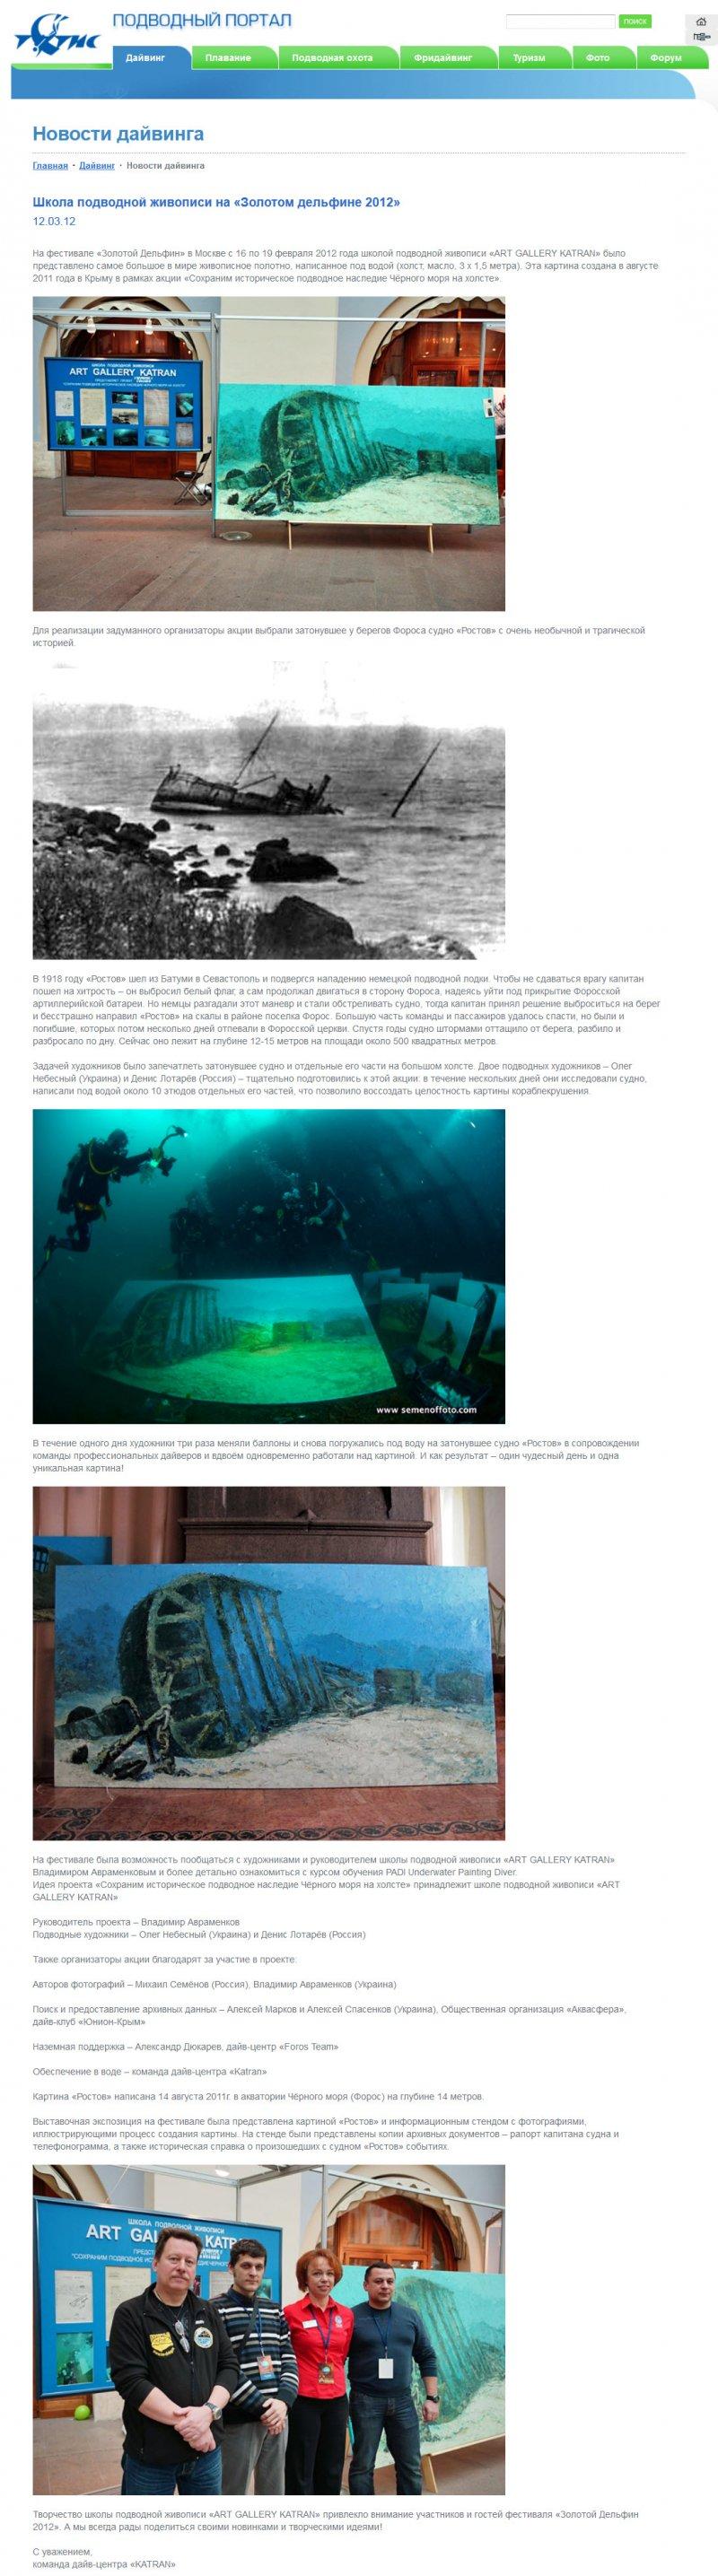 Подводный портал Tetis. Школа подводной живописи на «Золотом дельфине 2012»